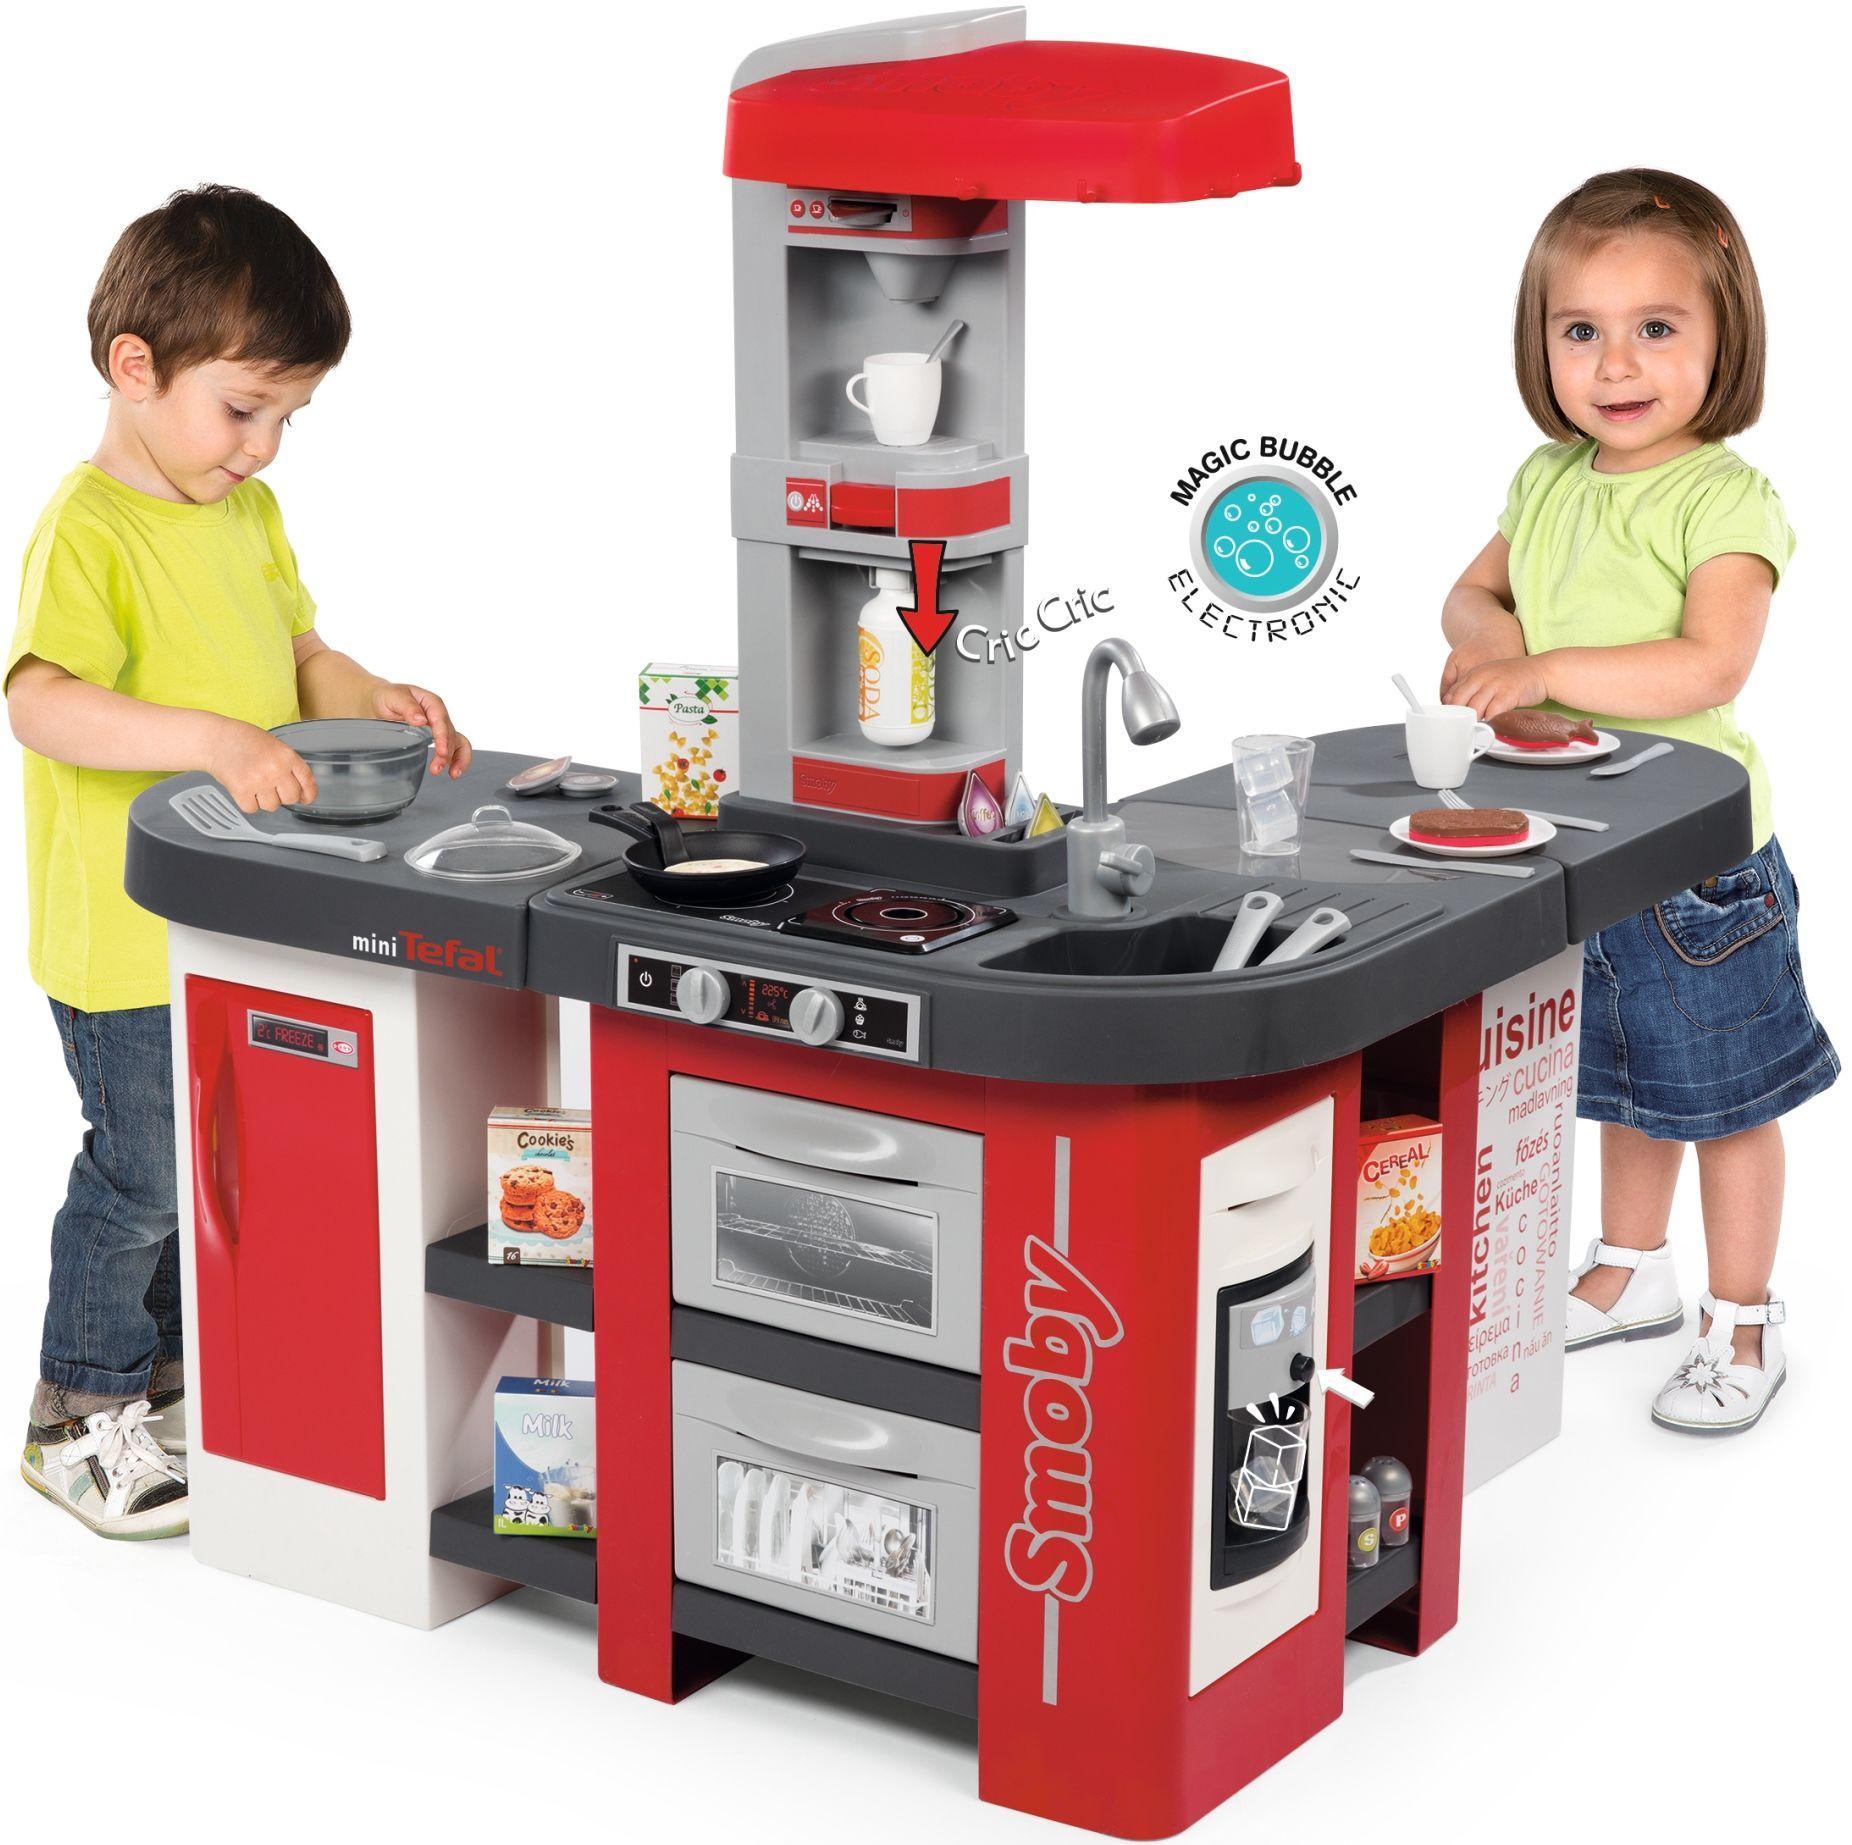 Smoby Duza Kuchnia Dla Dzieci Mini Tefal Studio Bubble Xxl 311025